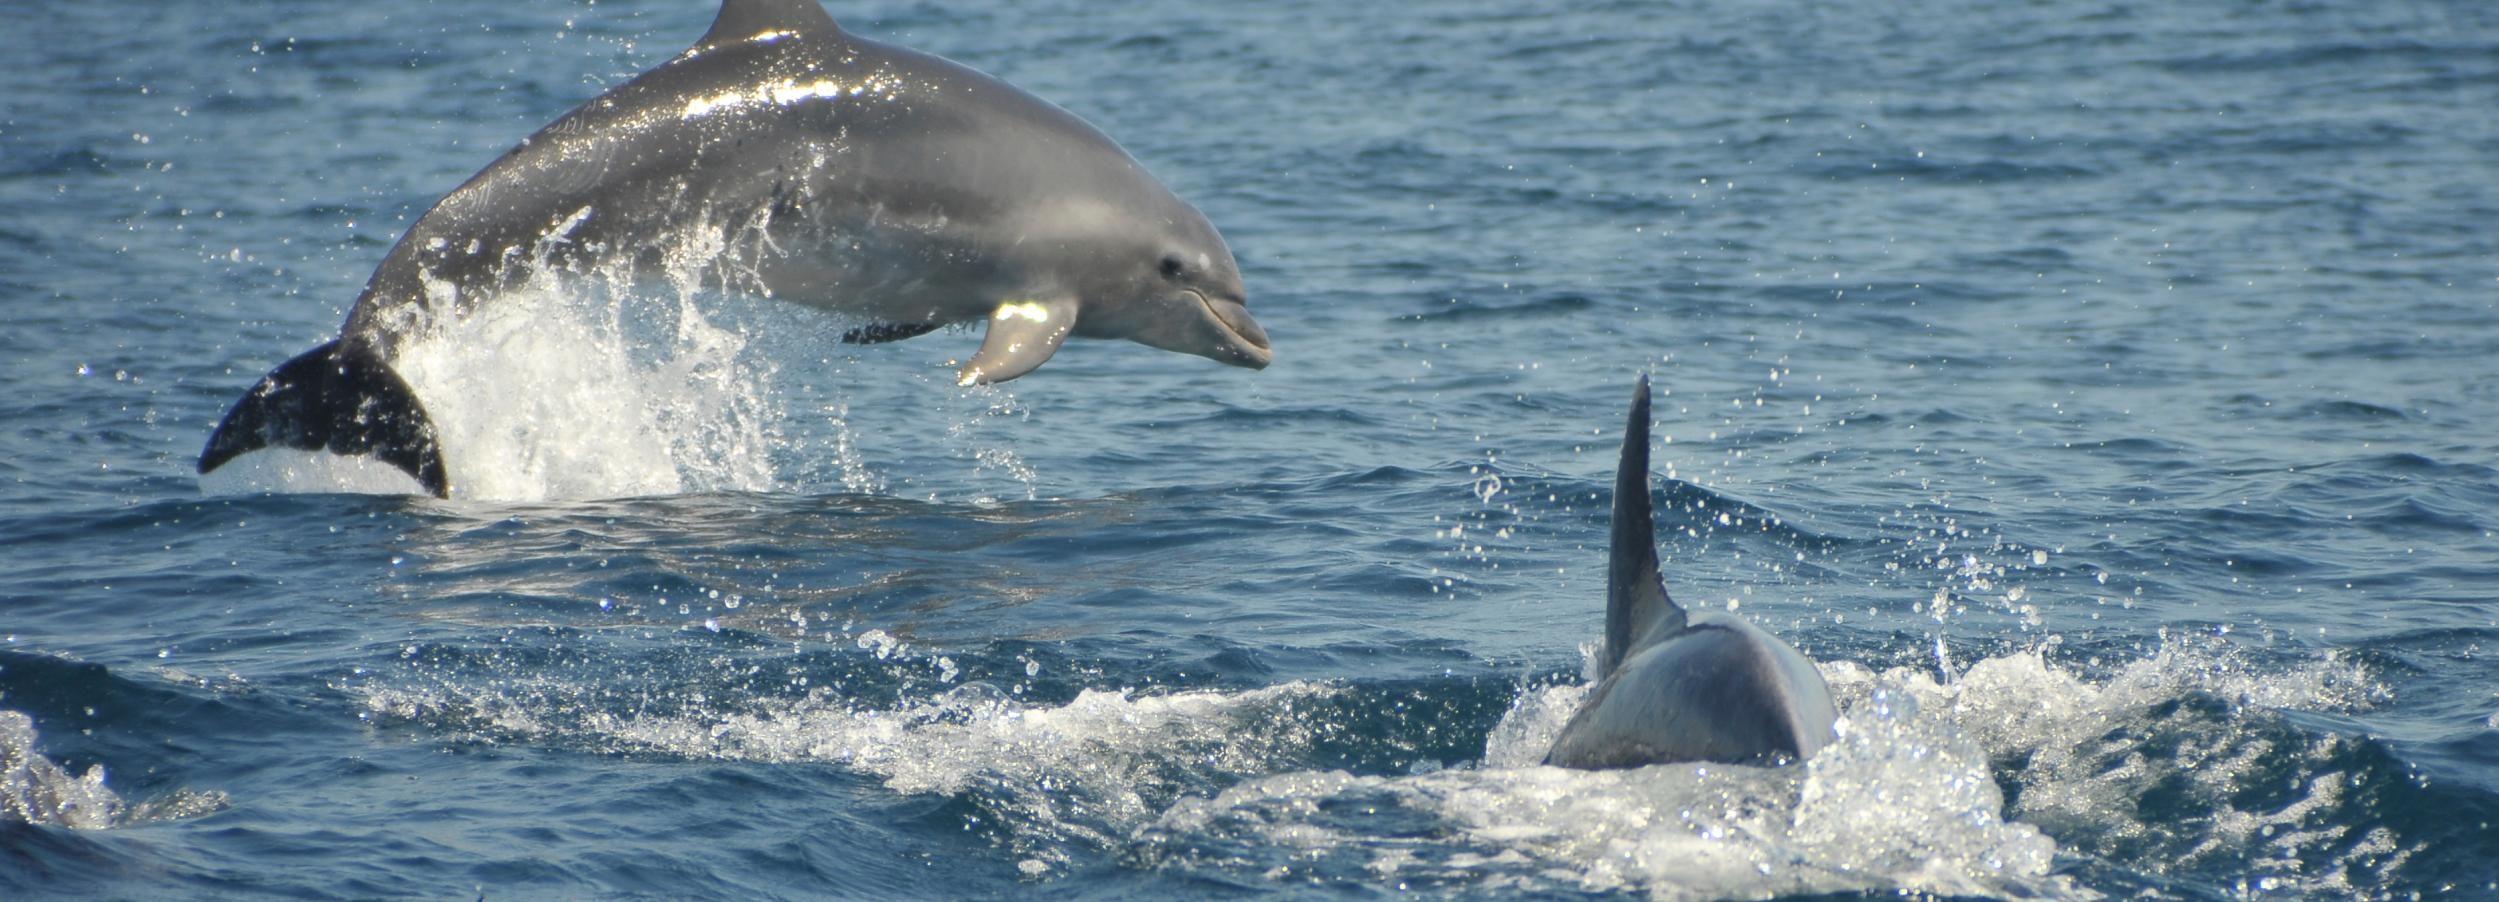 Albufeira: Cruzeiro Grutas e Golfinhos